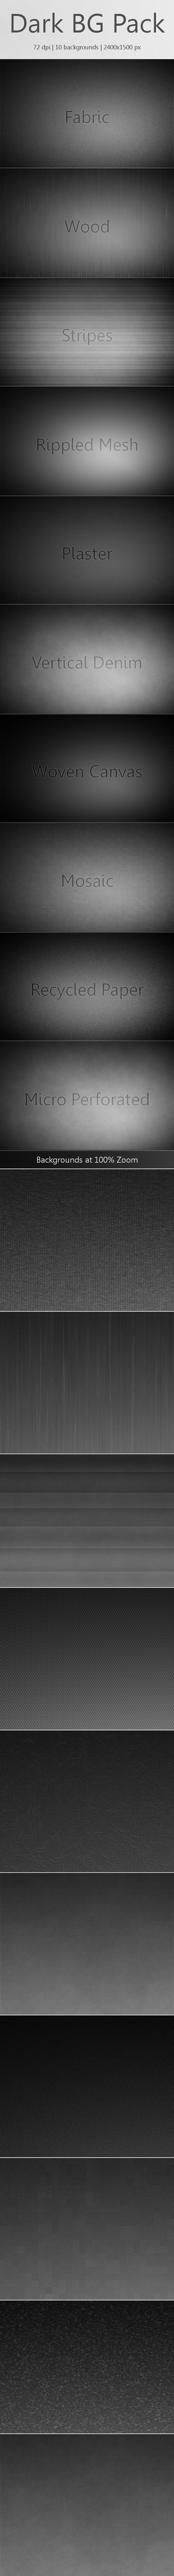 Dark Background Pack